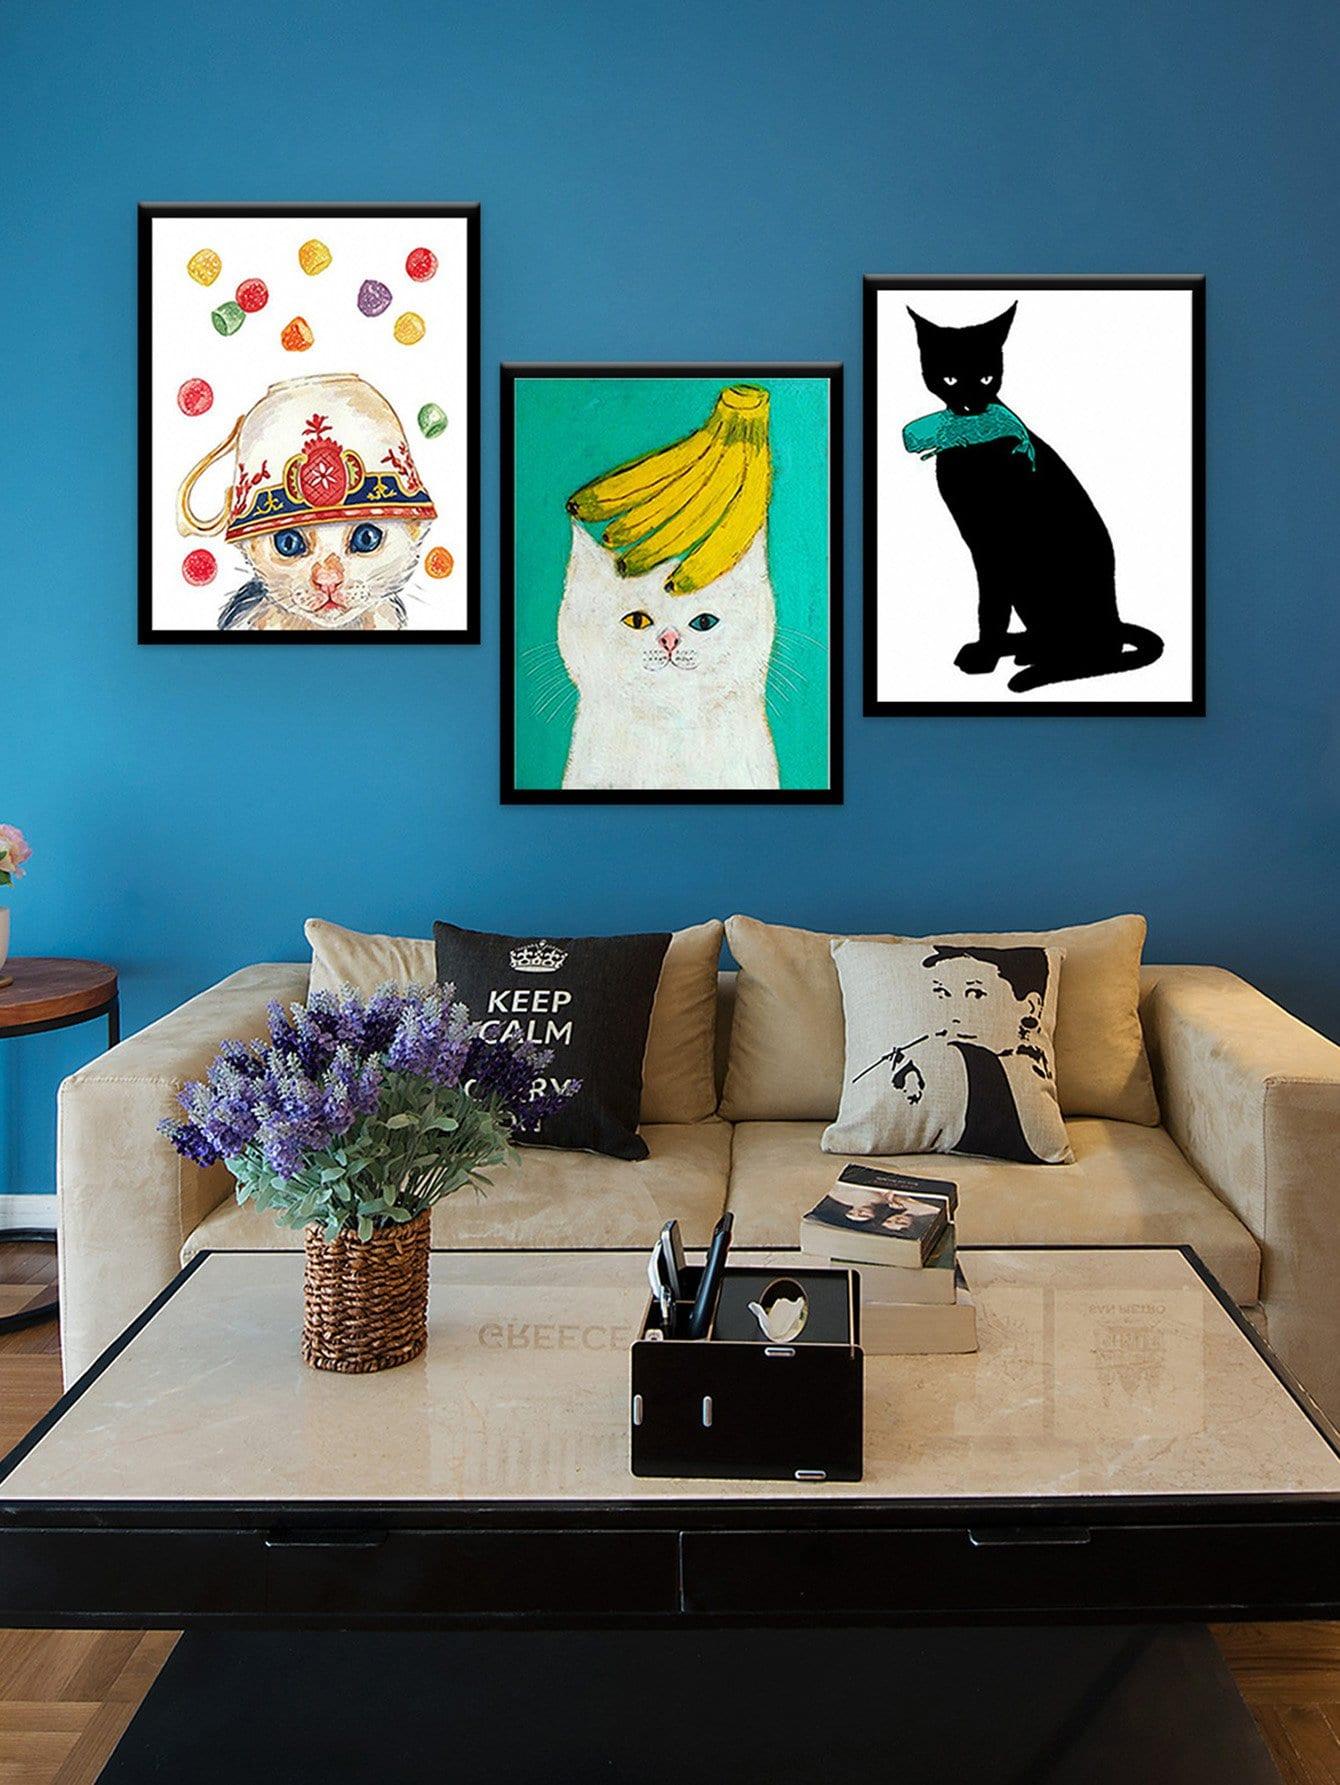 Watercolor Cat Cloth Wall Art 3pcs watercolor cat cloth wall art 3pcs